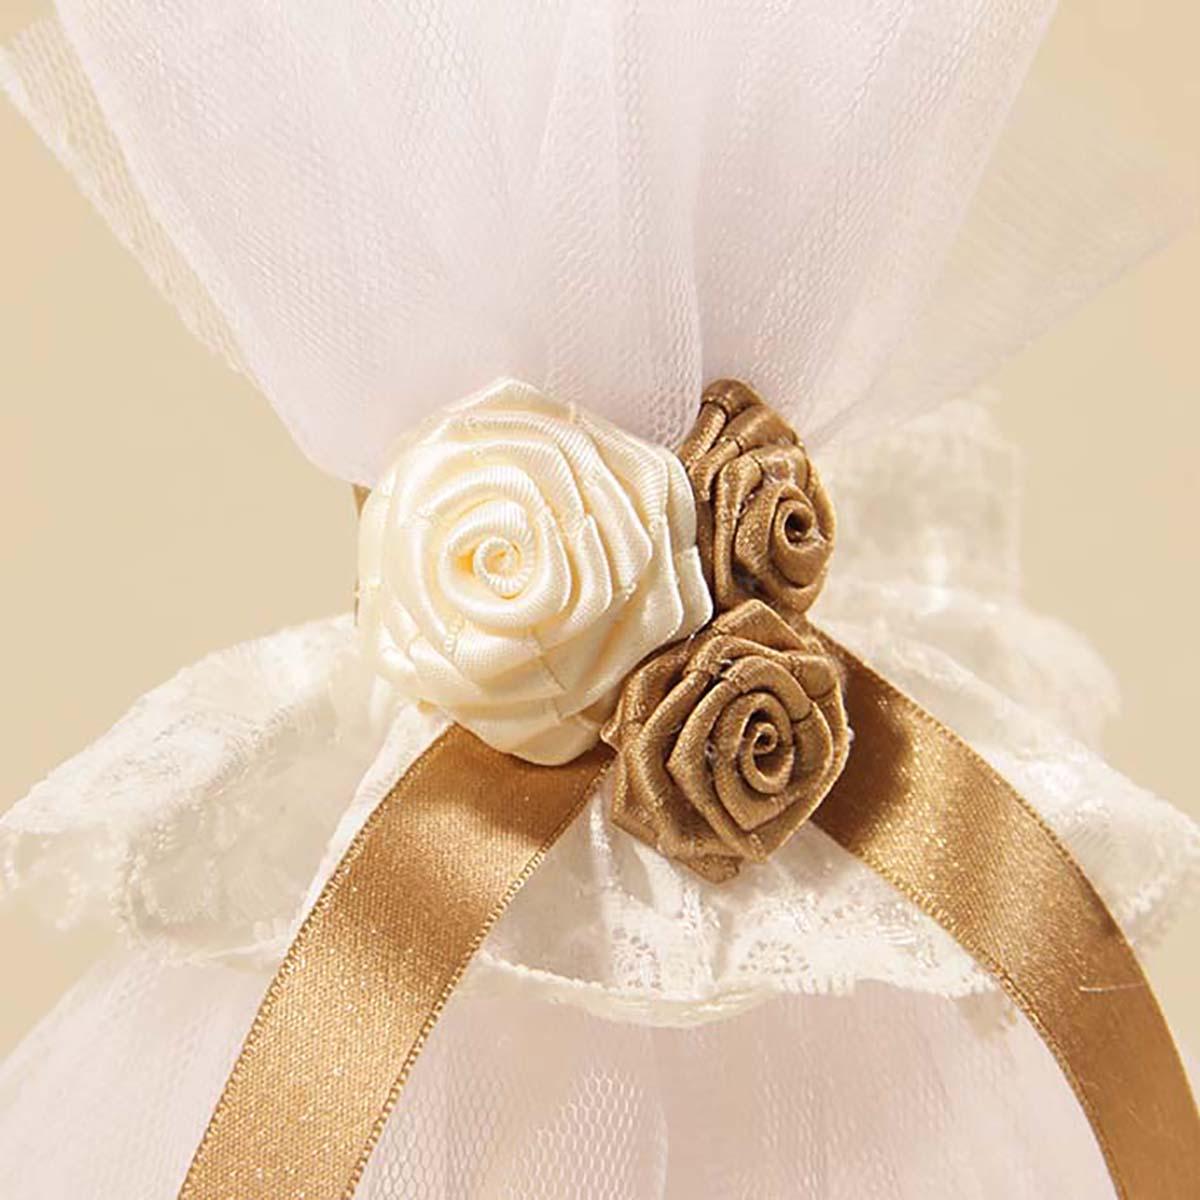 ručno rađeni cvjetni ukrasi Goldie angel svijeće